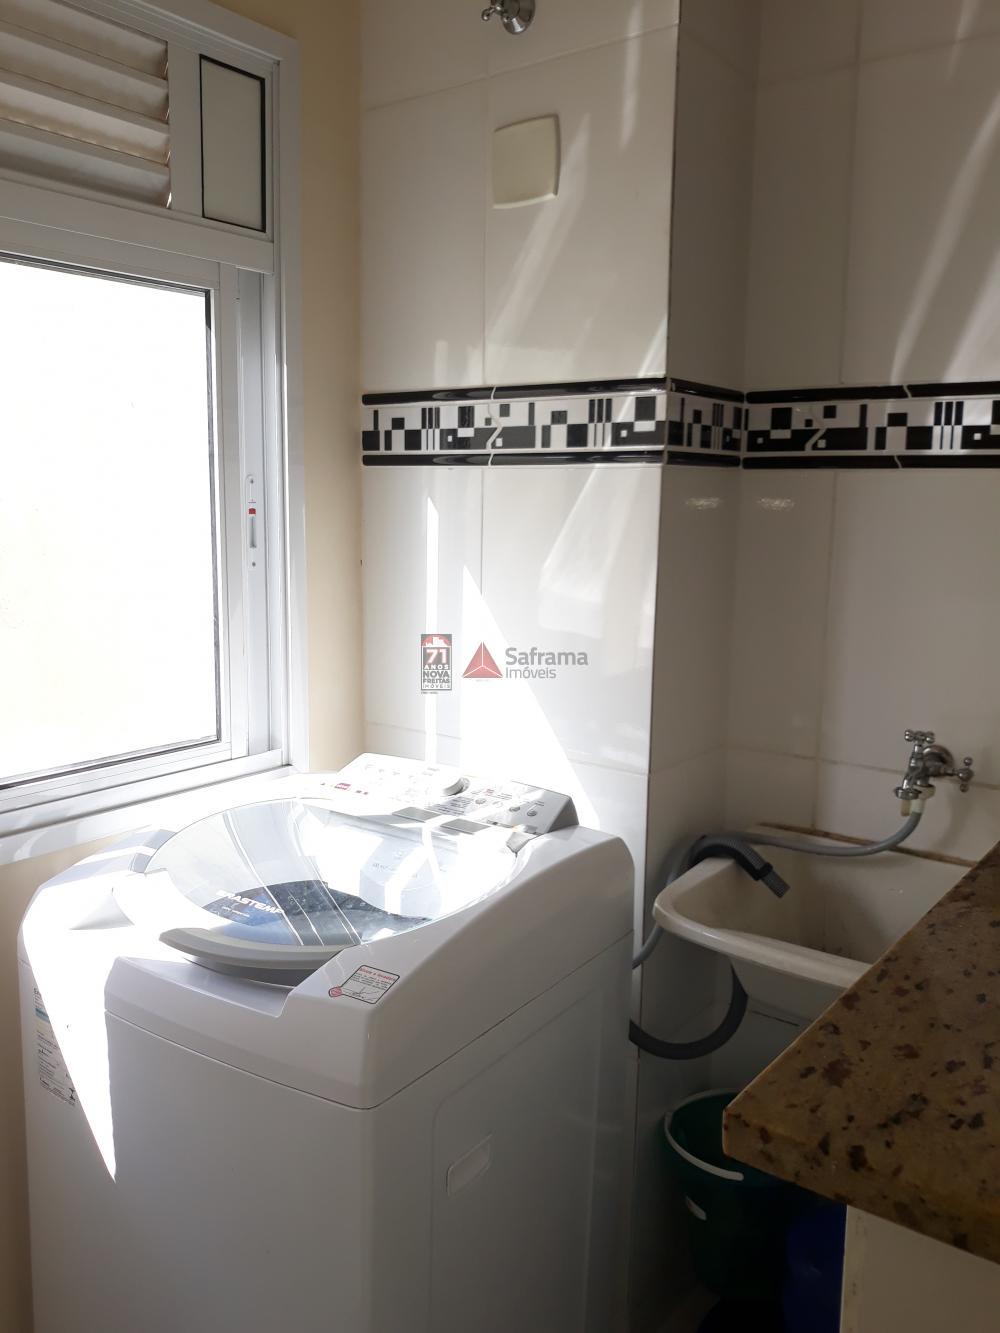 Comprar Apartamento / Padrão em São José dos Campos apenas R$ 300.000,00 - Foto 11